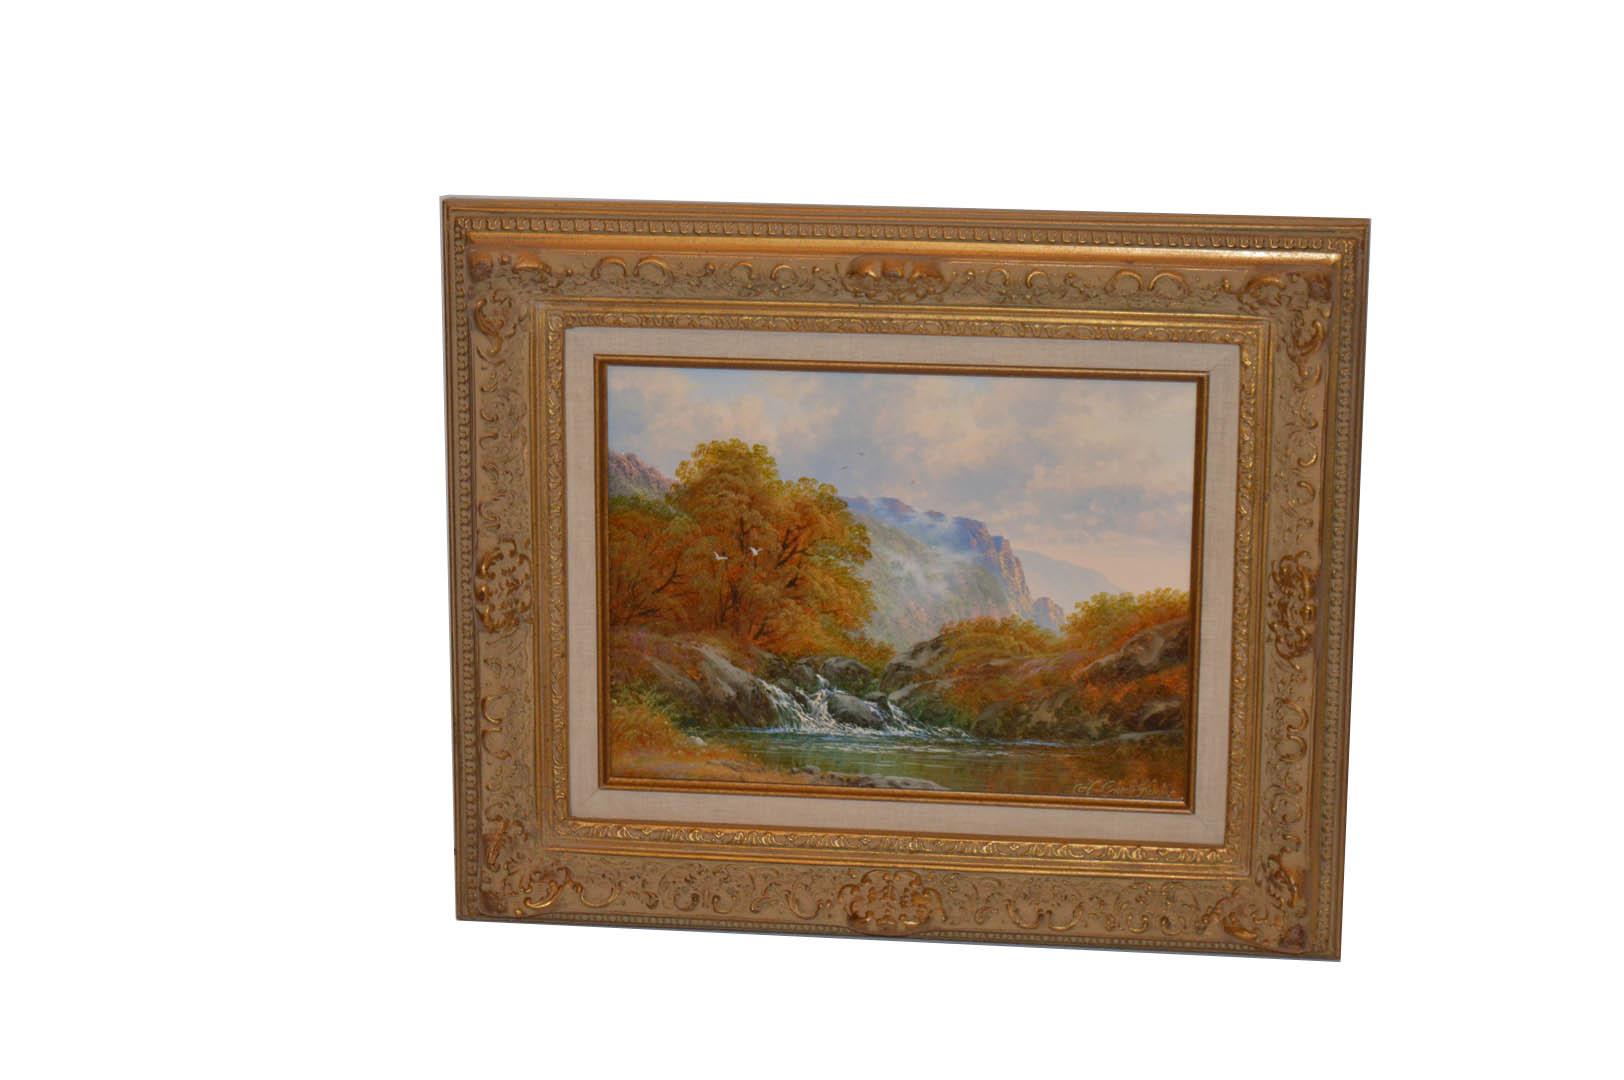 Lot 610 - An Oil Painting 'Waterfall' - HG Kurbis